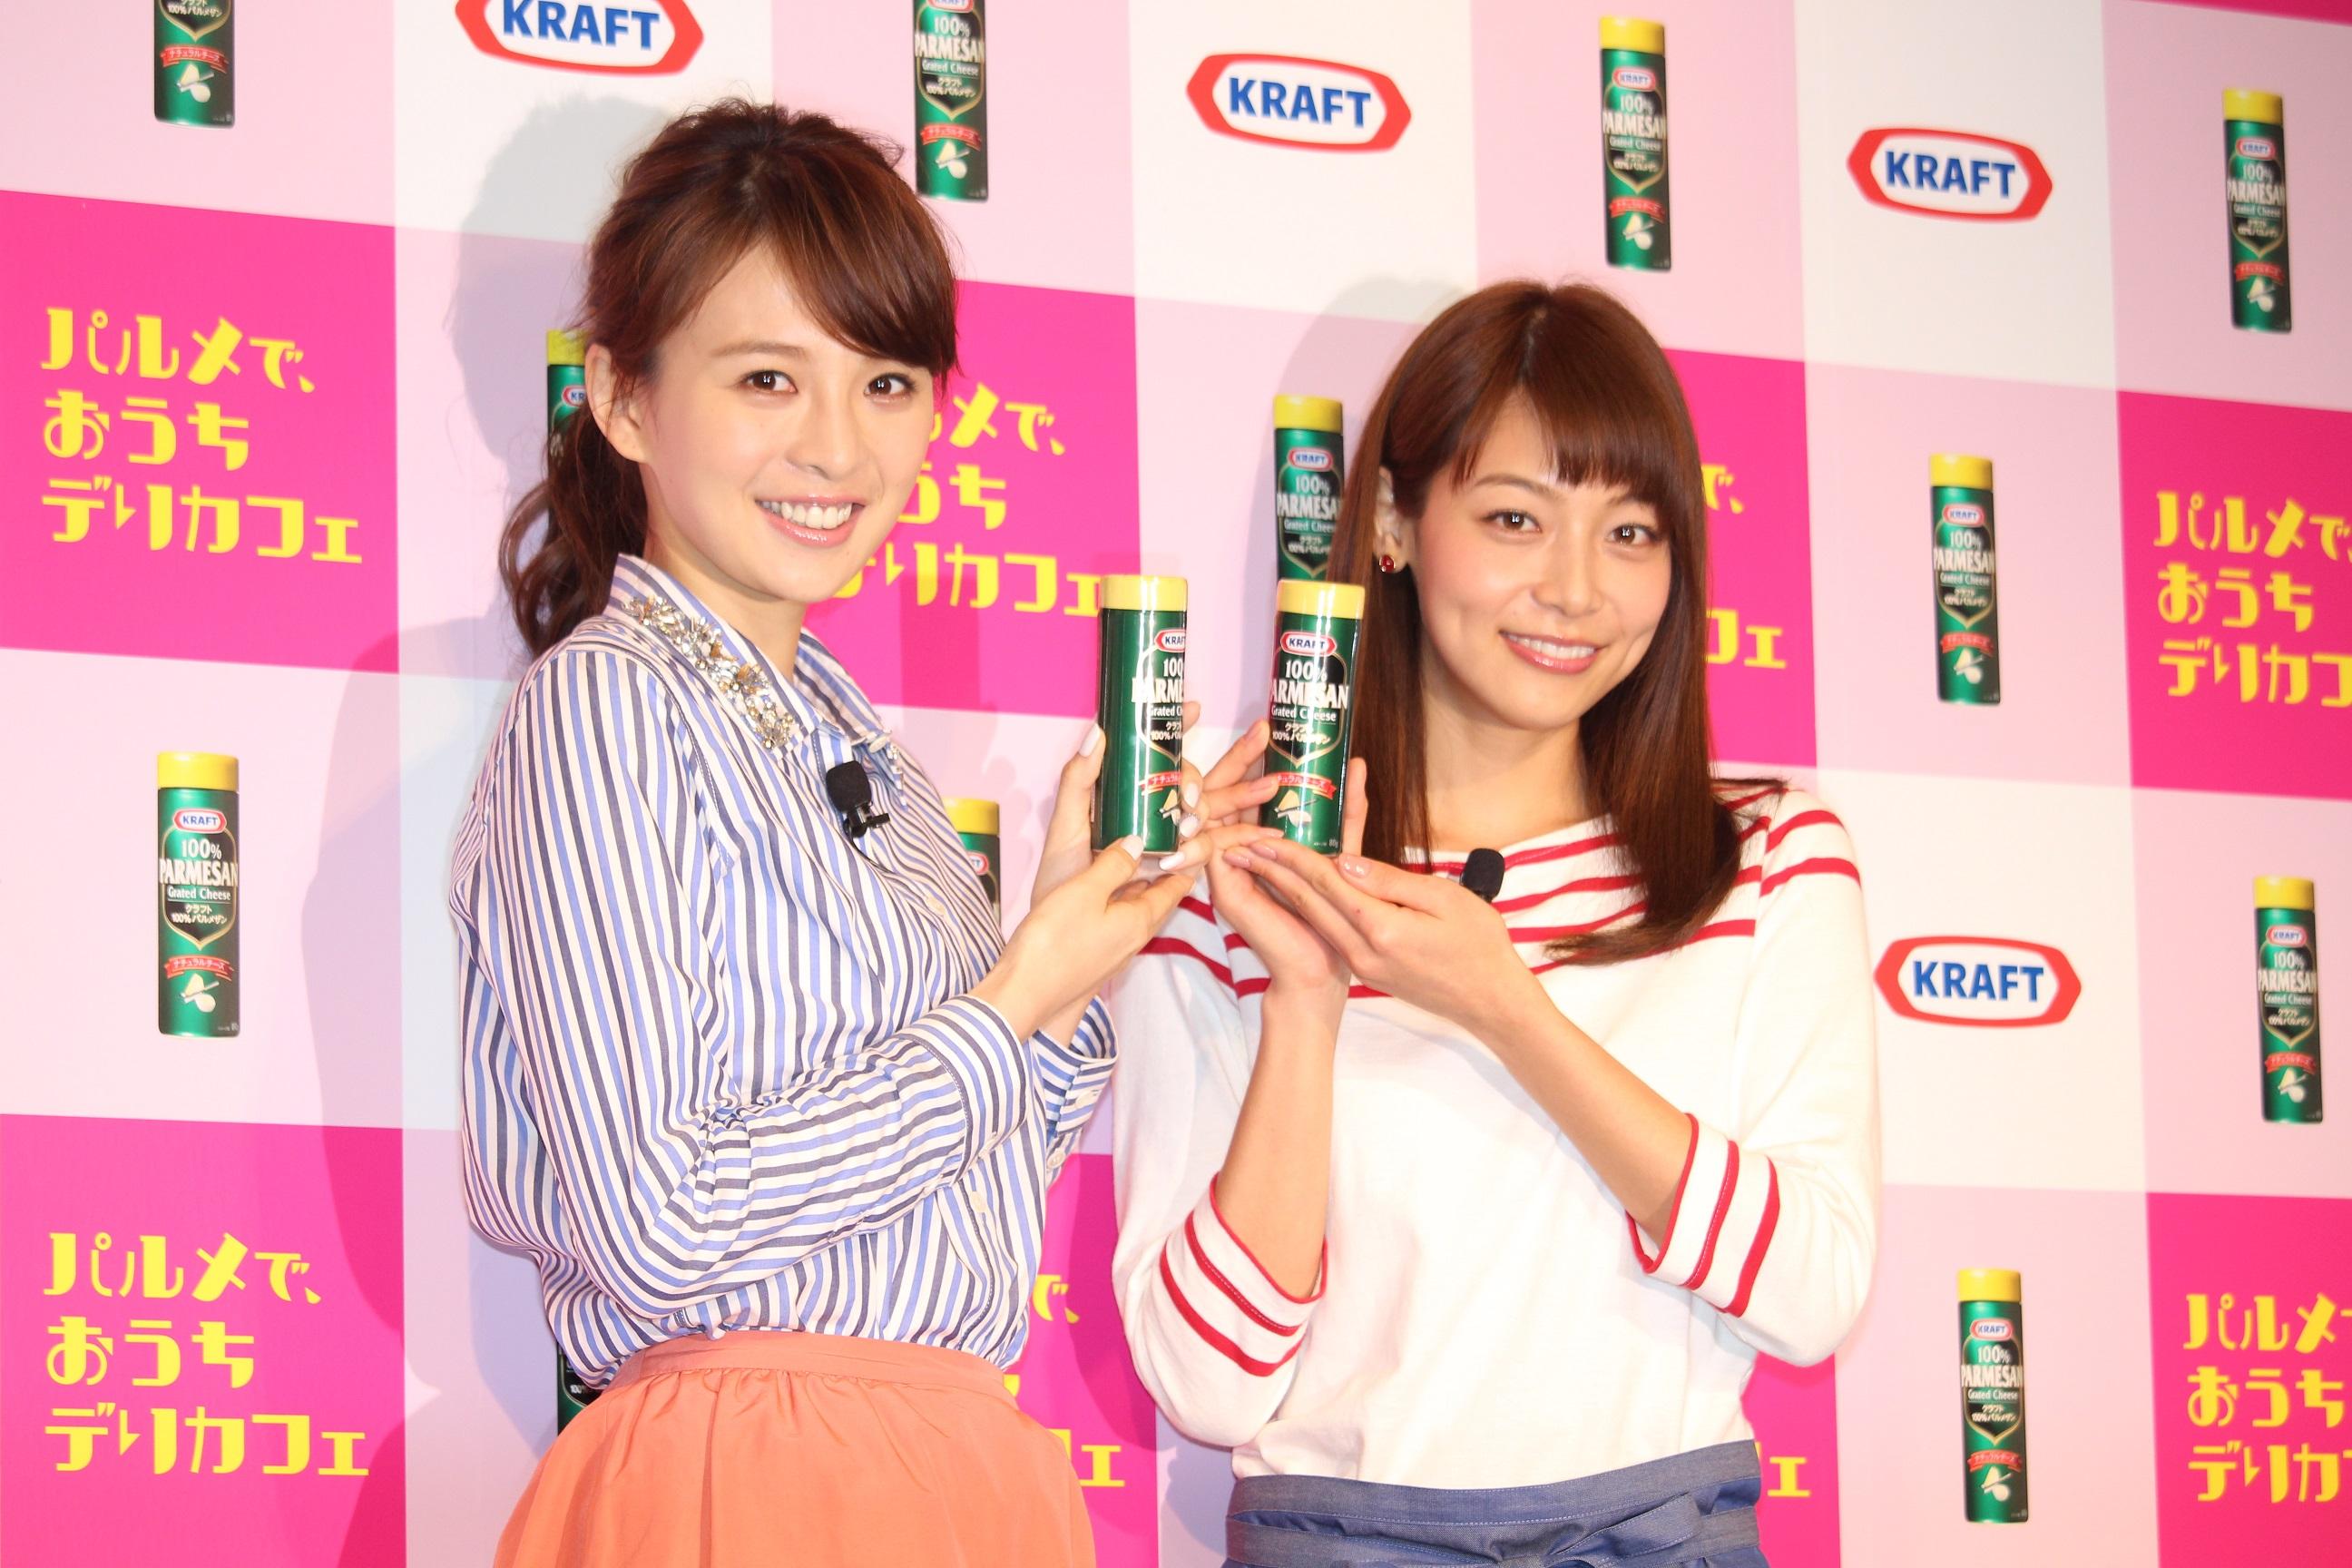 相武紗季の恋愛は「いちず」  親友・舞川あいくと女子会トーク